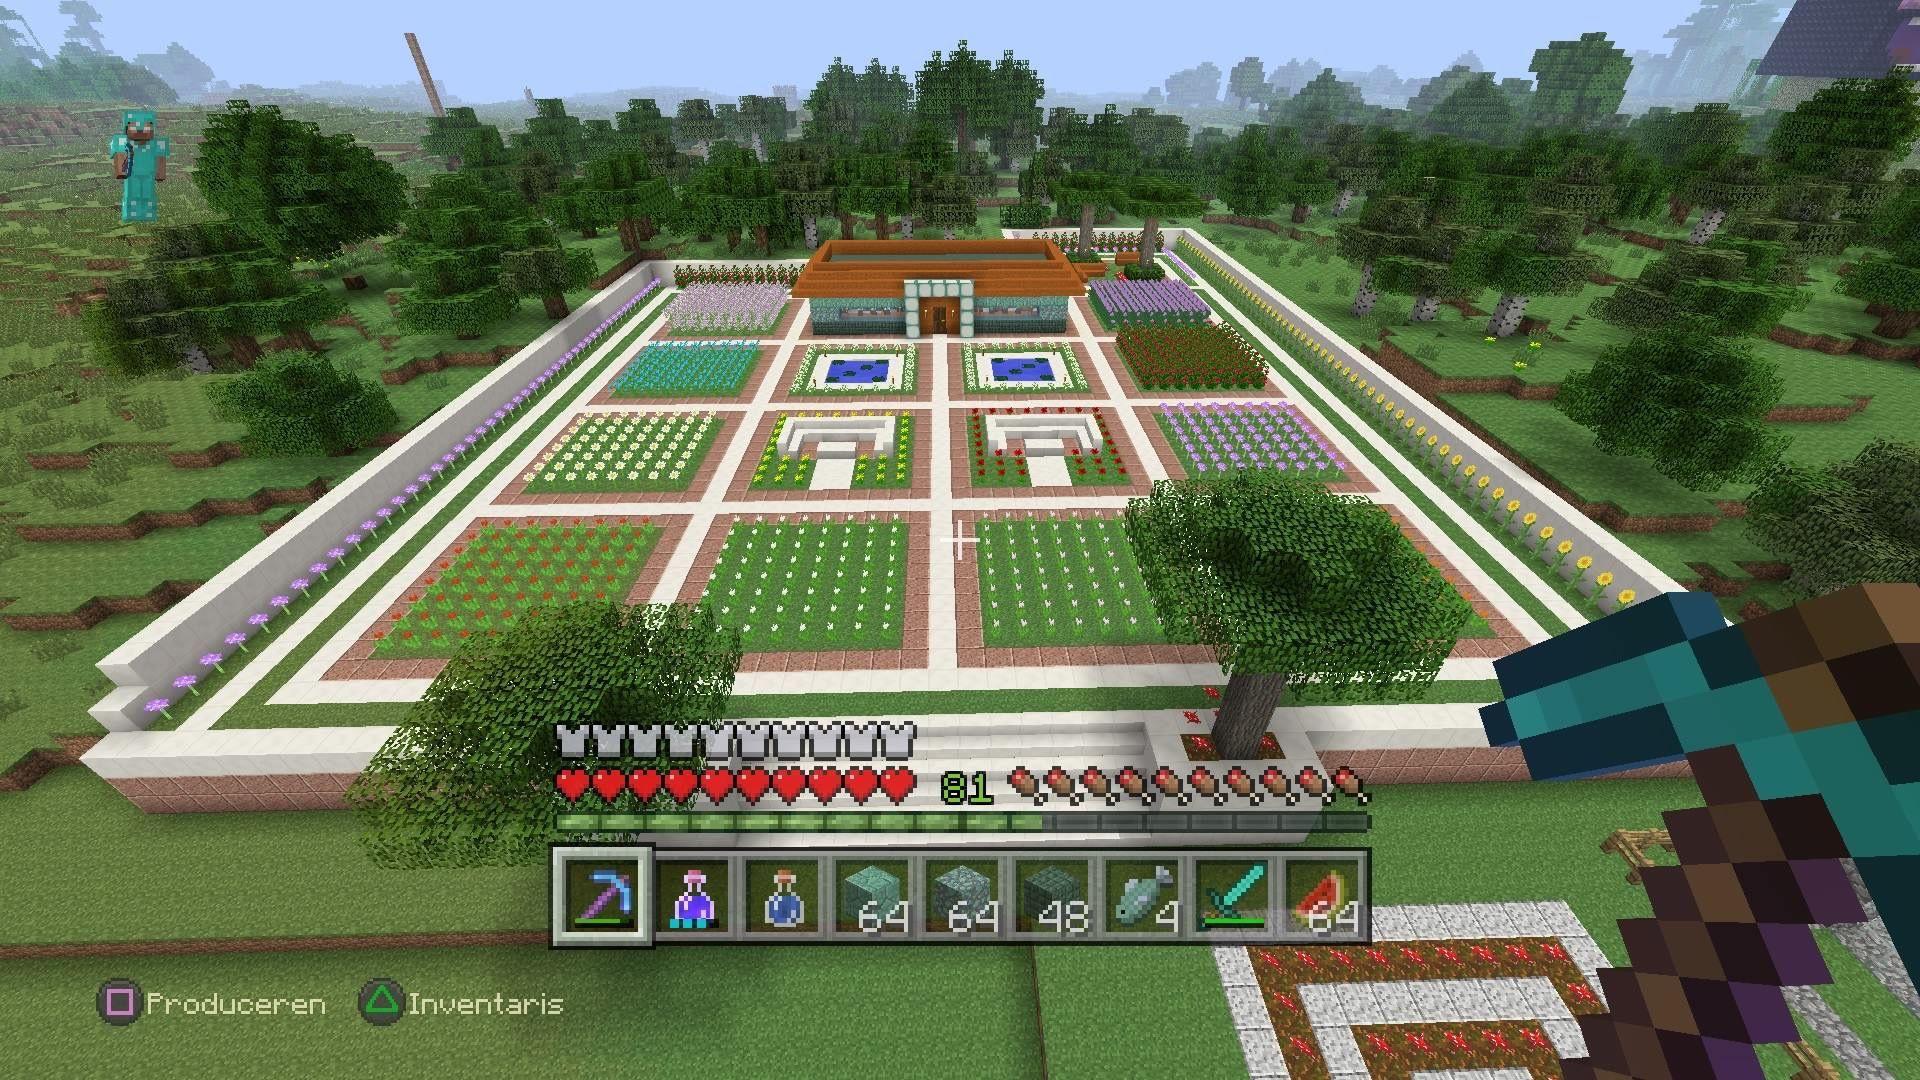 gorgeous minecraft flower garden created by my 9 year old son built in survival modus - Minecraft Garden